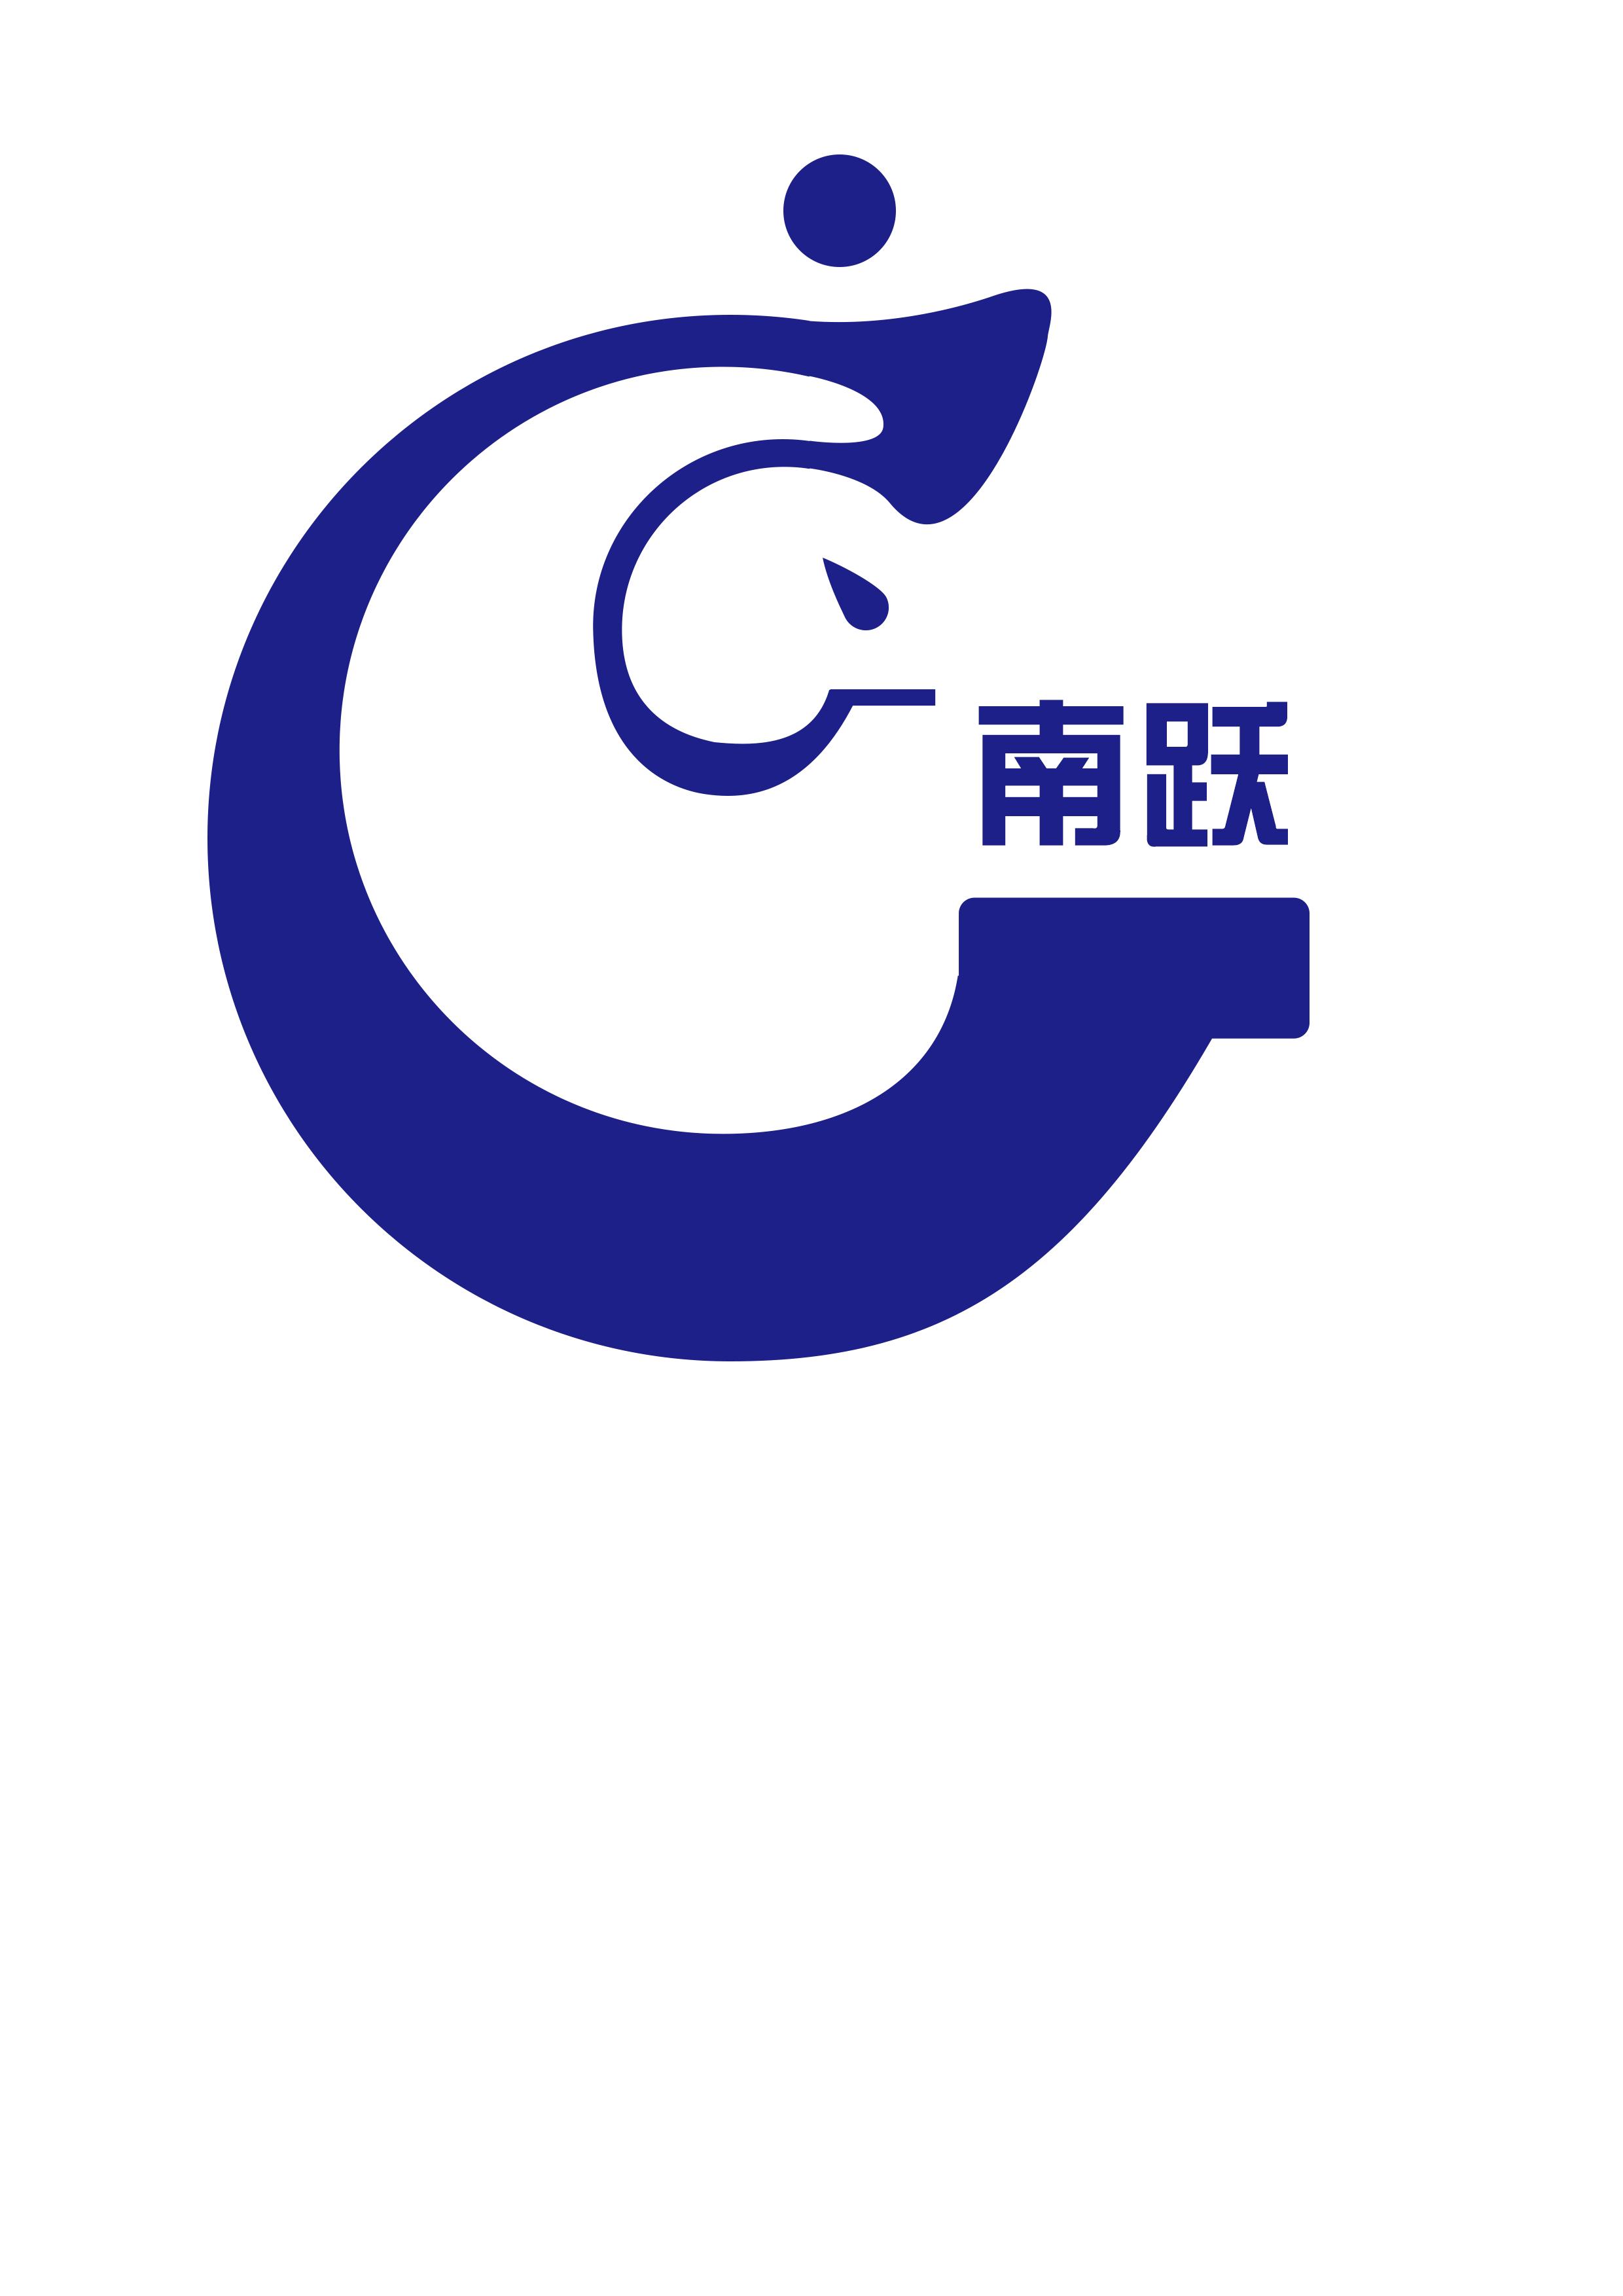 接力logo